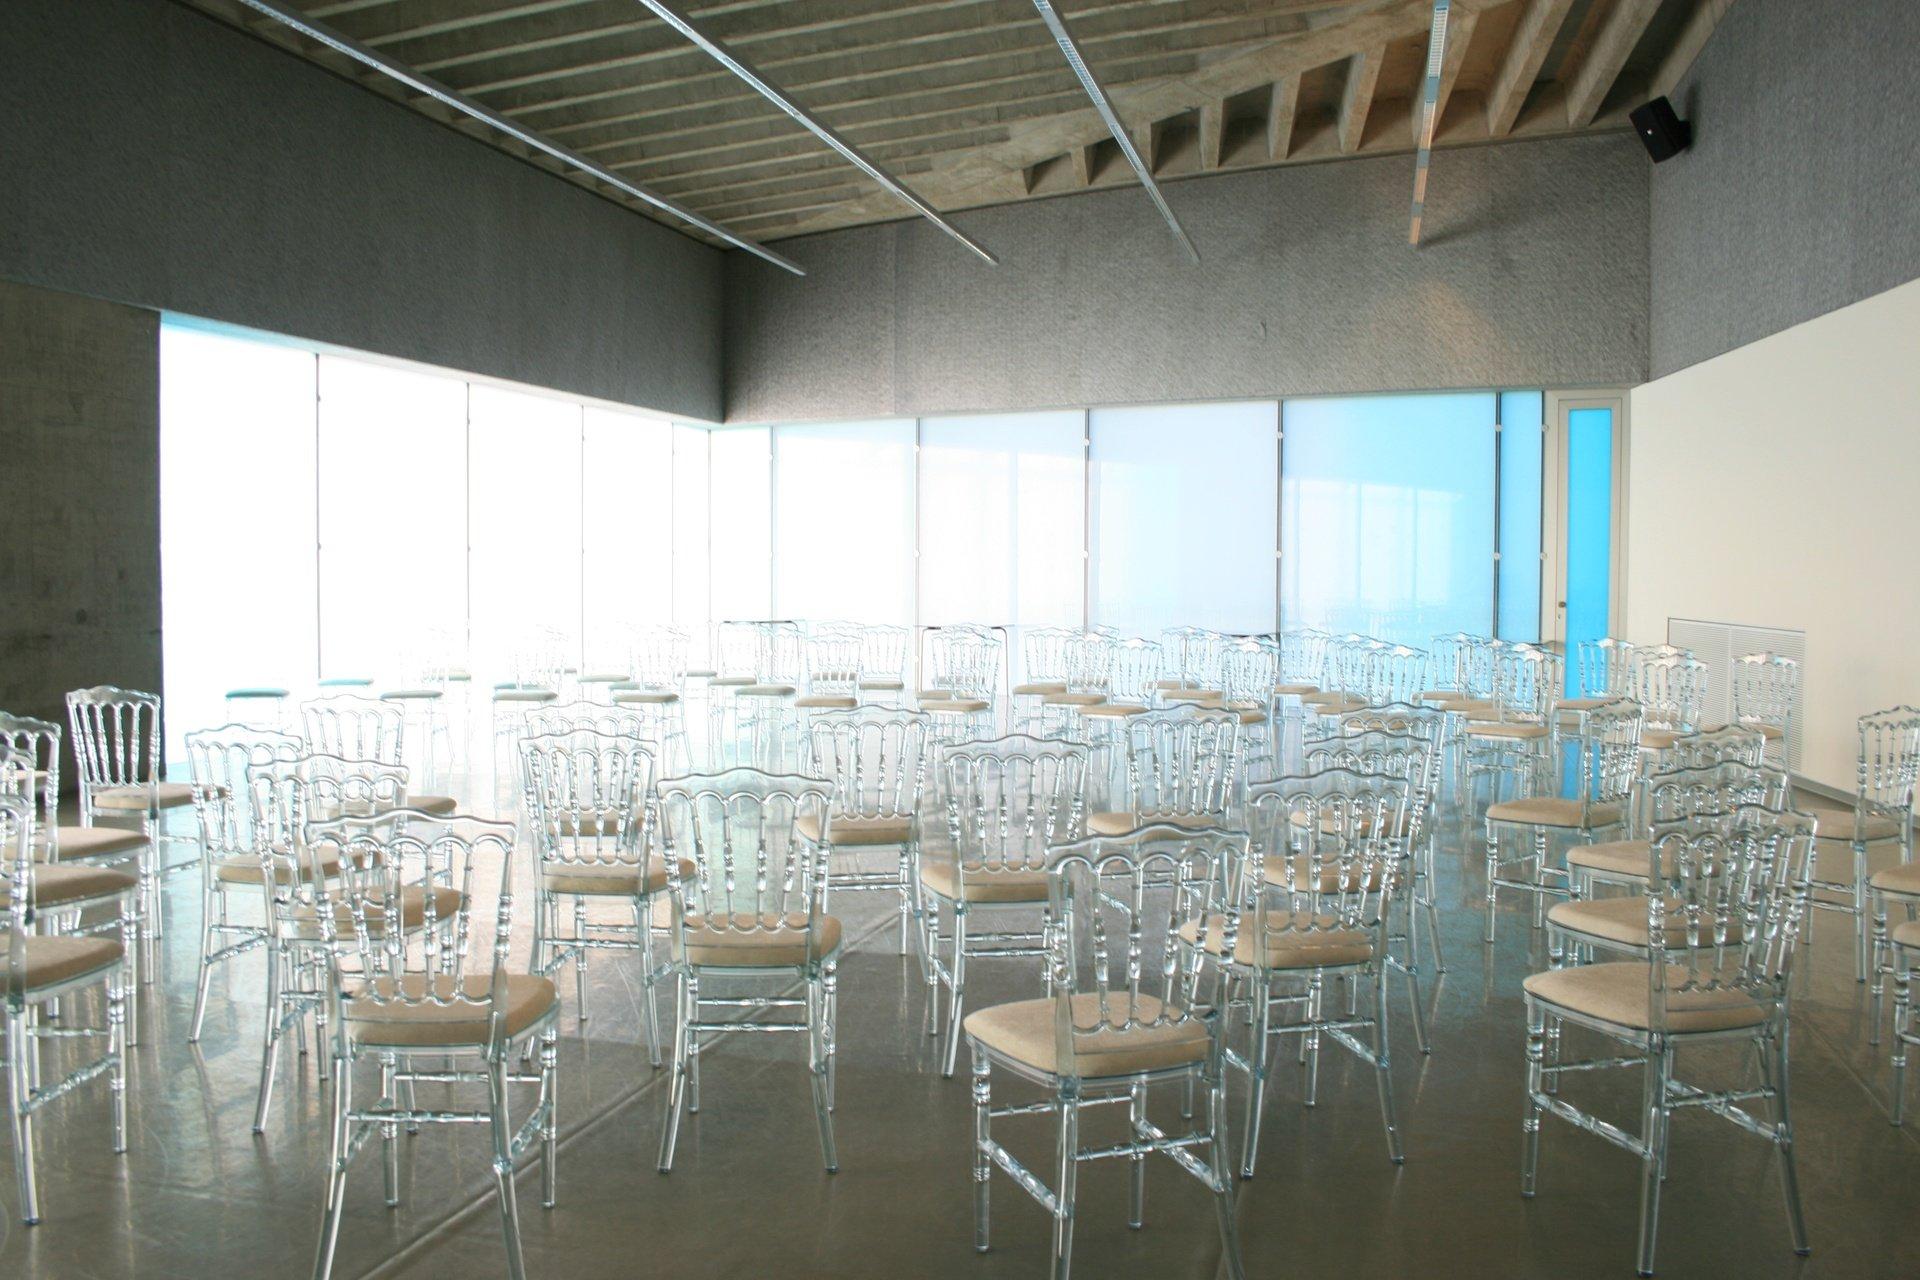 Londres workshop spaces Lieu Atypique The Laban Building - Studio 11 image 0